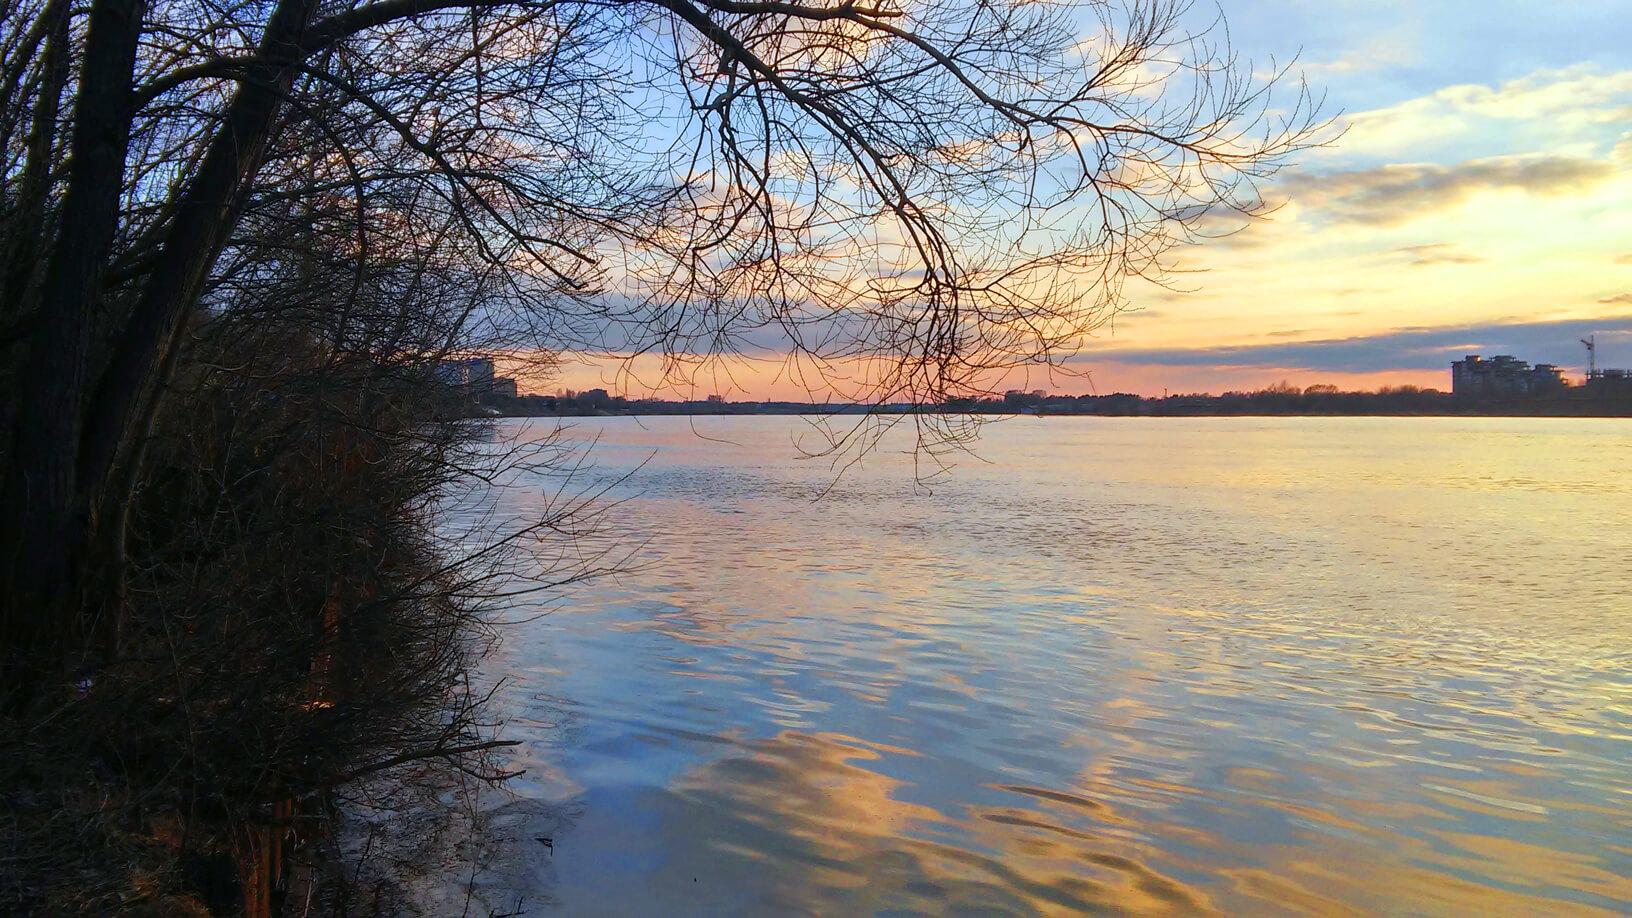 река Волга в Дубне